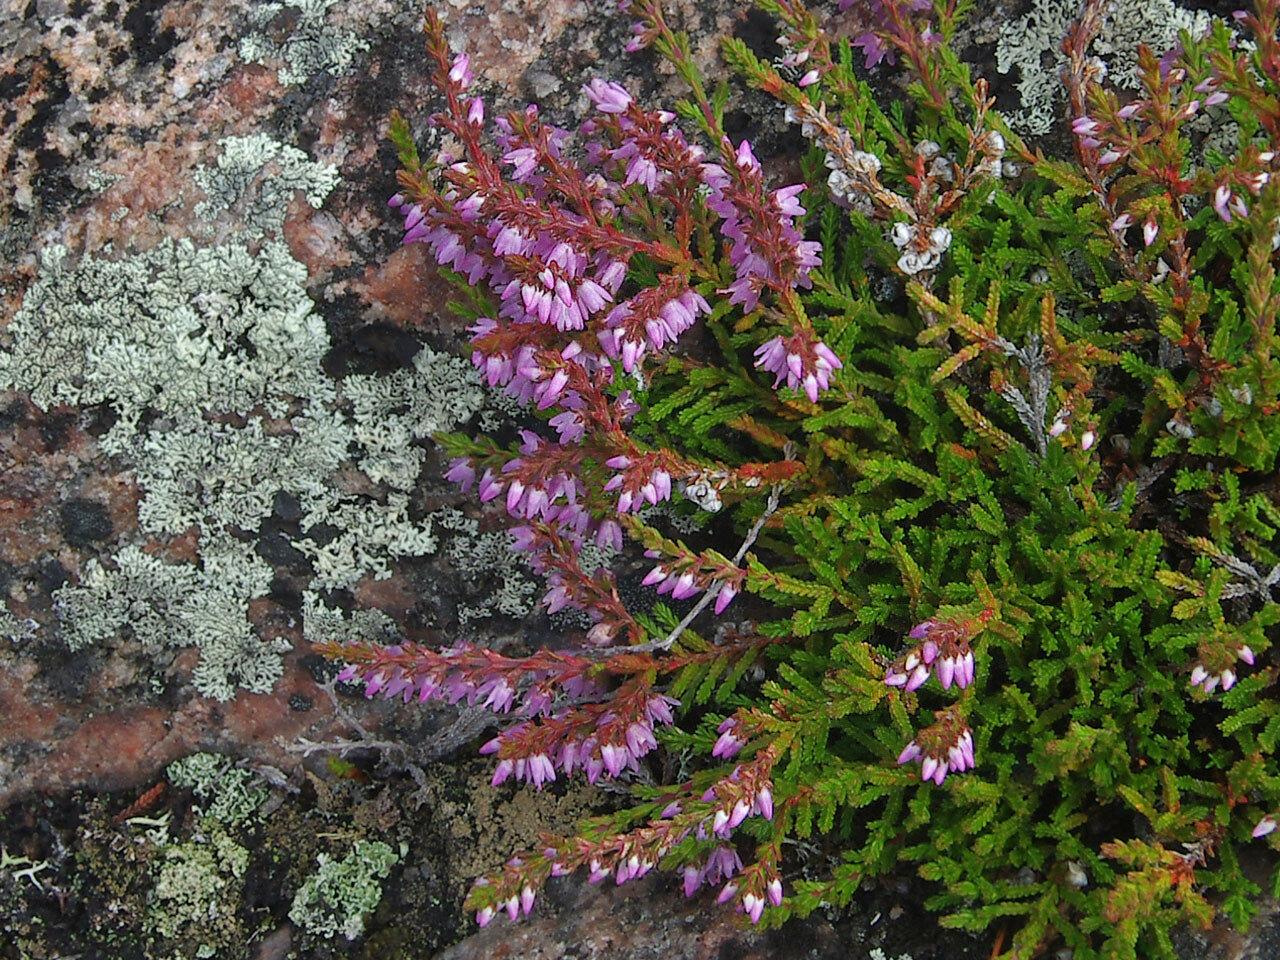 Вереск обыкновенный (Calluna vulgaris). Автор фото:Юрий Семенов